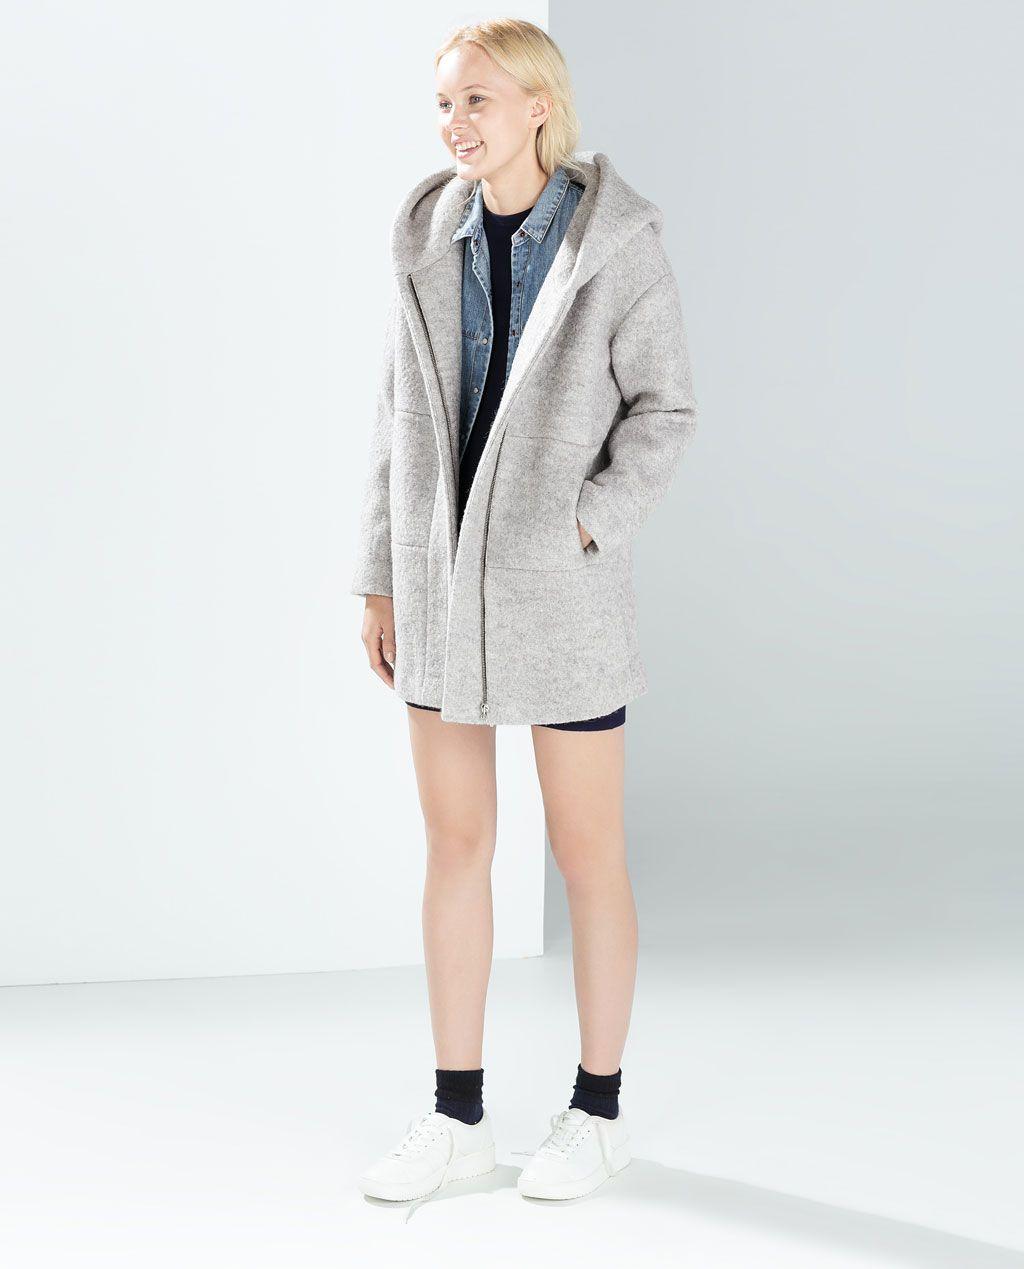 My favorite coat | Fall Wear | Pinterest | Winter coats, Wool ...